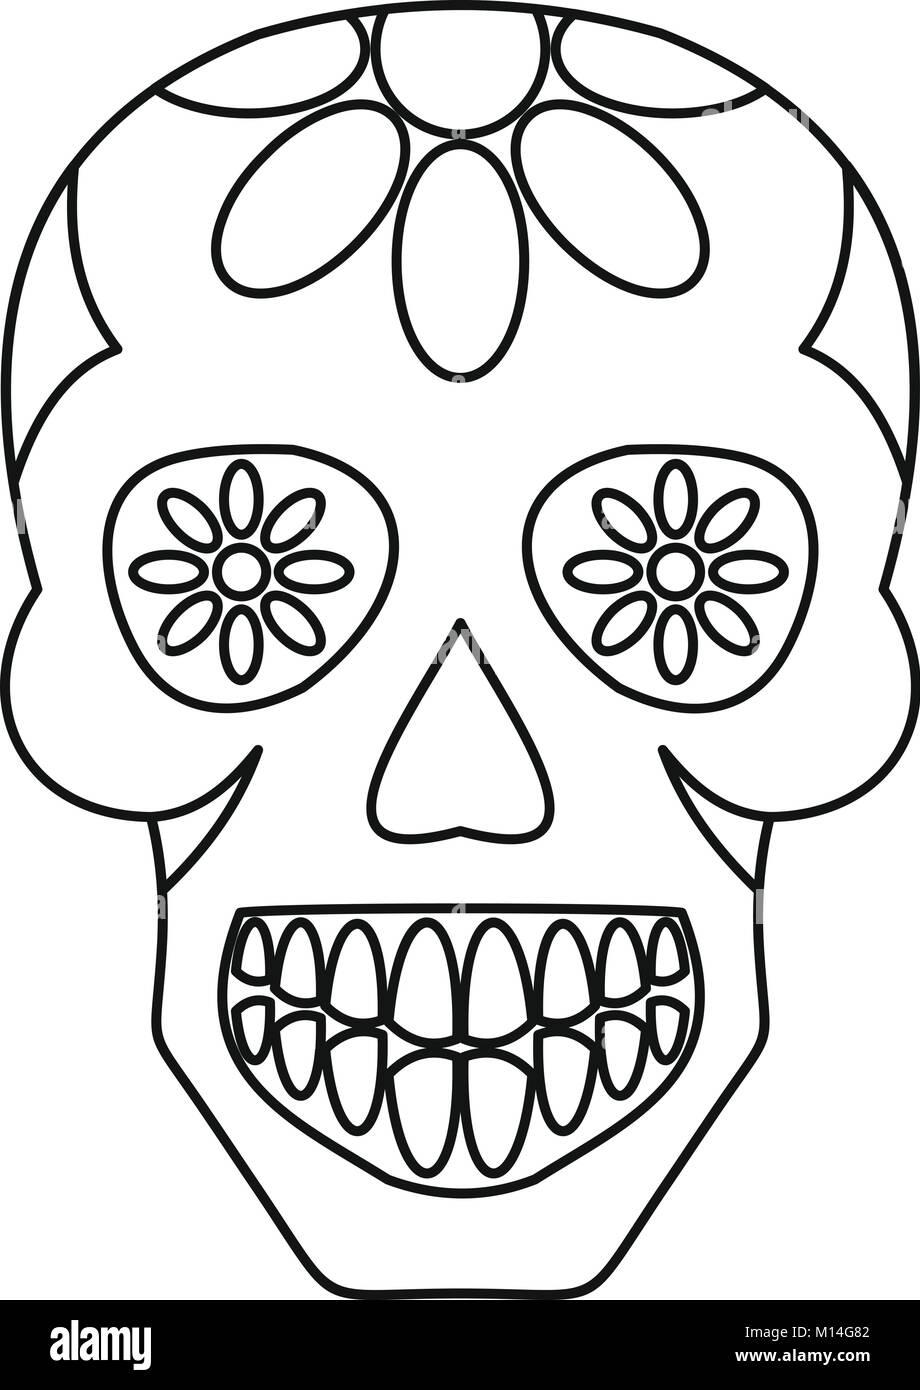 Sugar Skull Flowers On The Skull Icon Outline Stock Vector Image Art Alamy